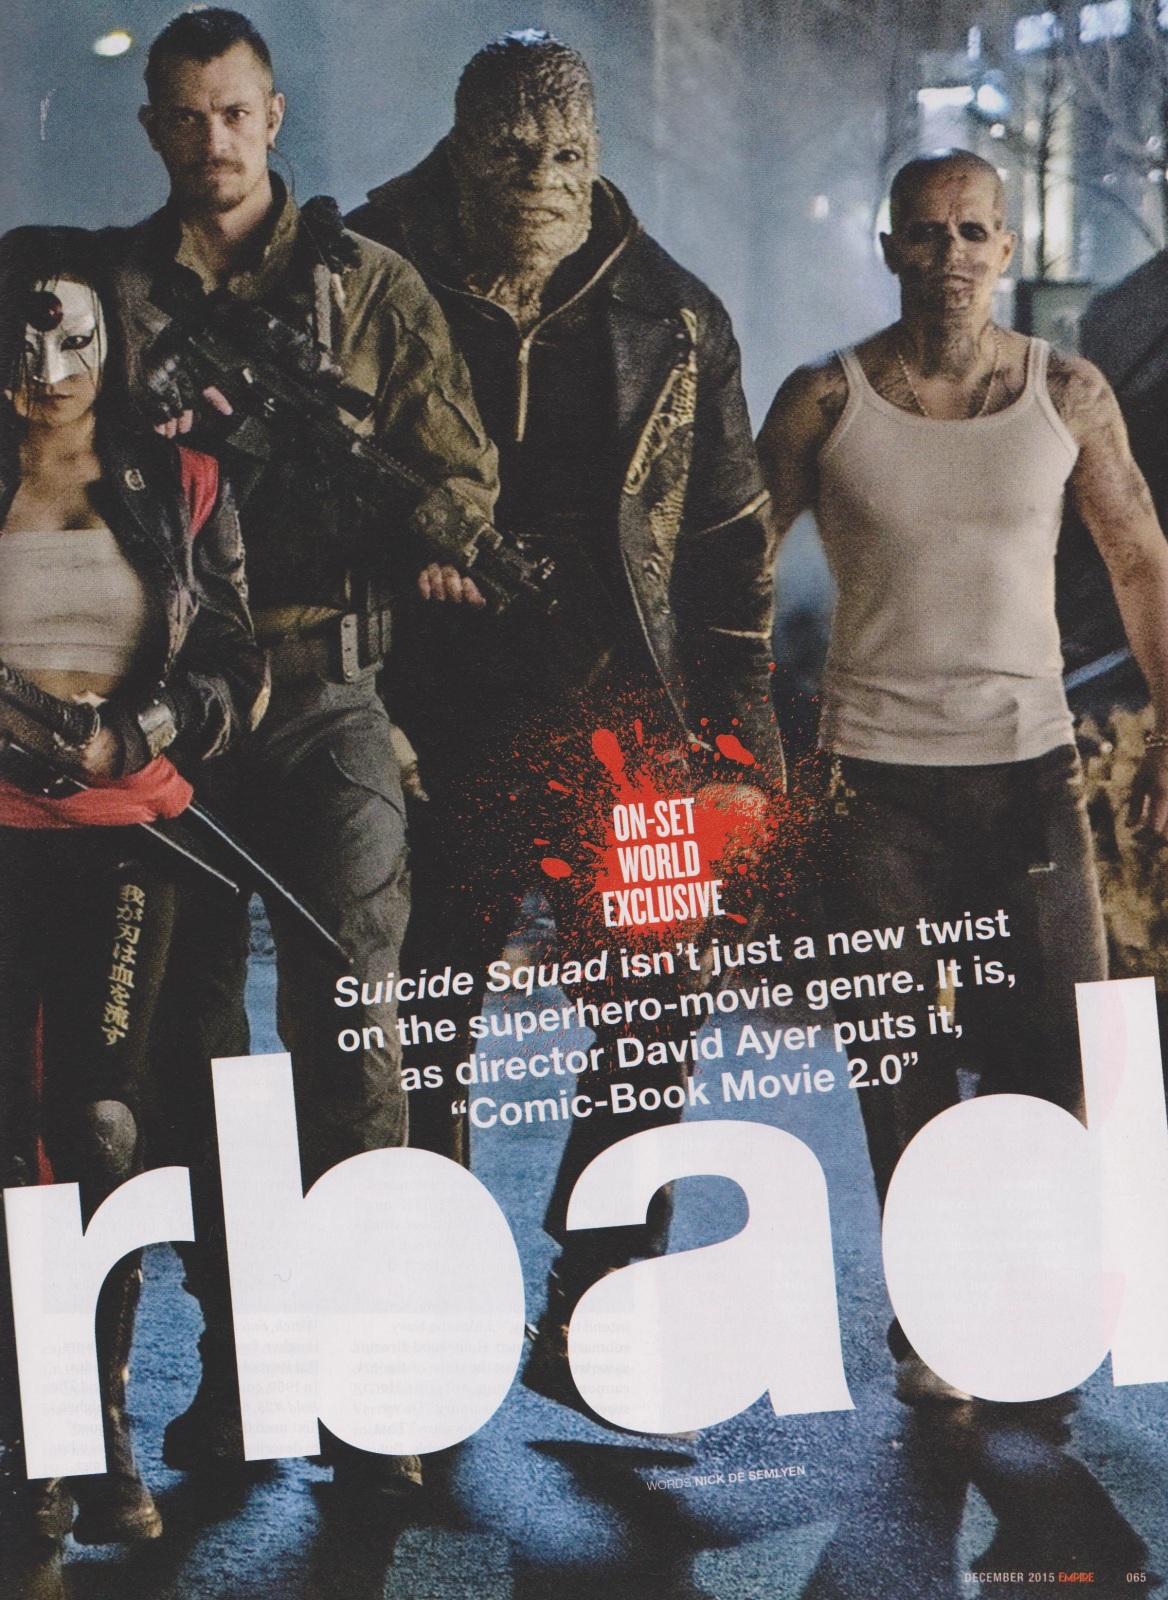 suicide squad movie killer croc - جوکر و جوخه ی انتحار روی مجله Empire